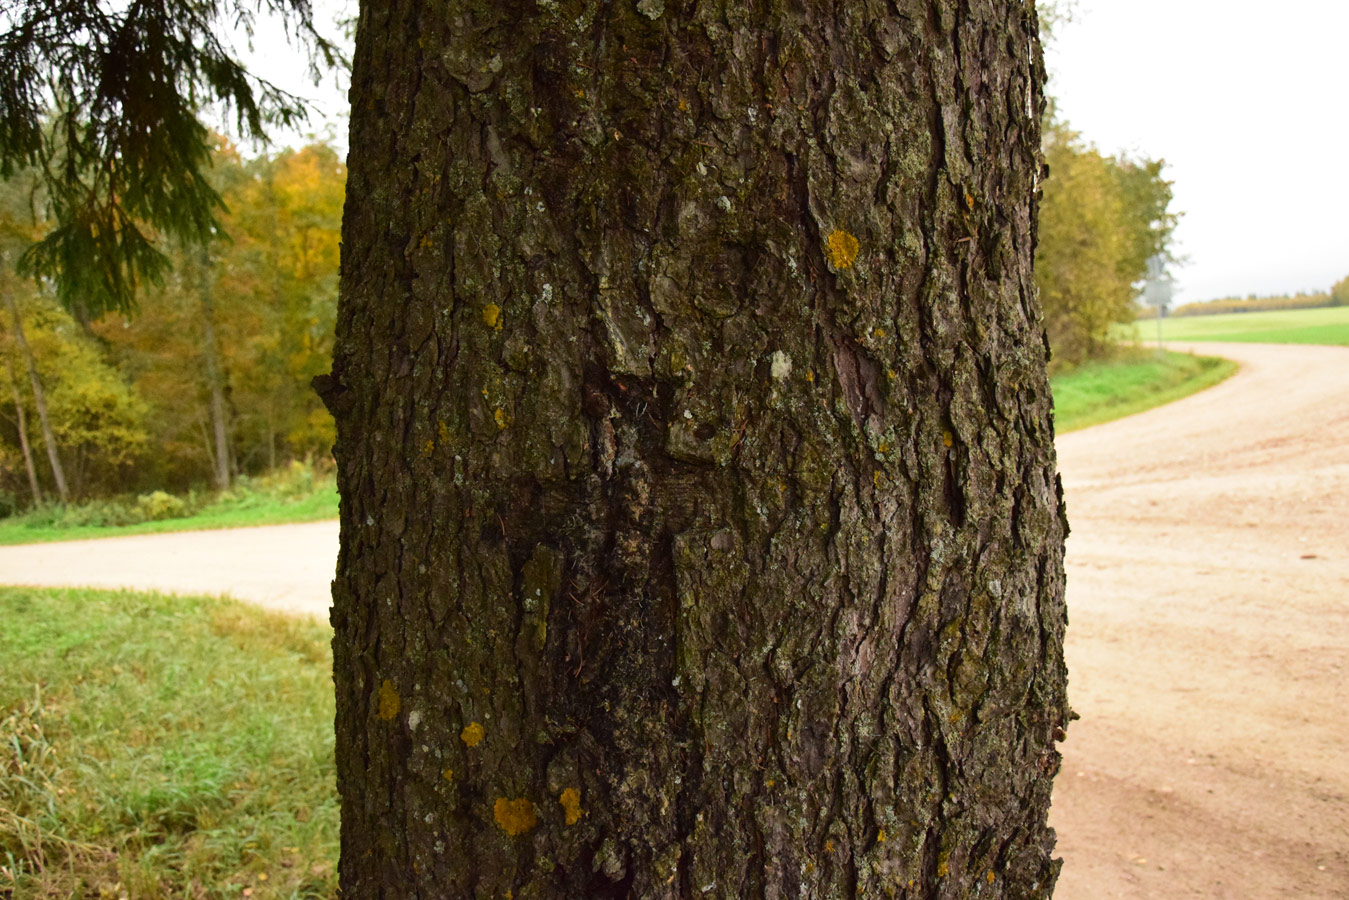 Дерево с крестом, © Ханна-Грете Рюютли, Фотоконкурс «Священные природные места»